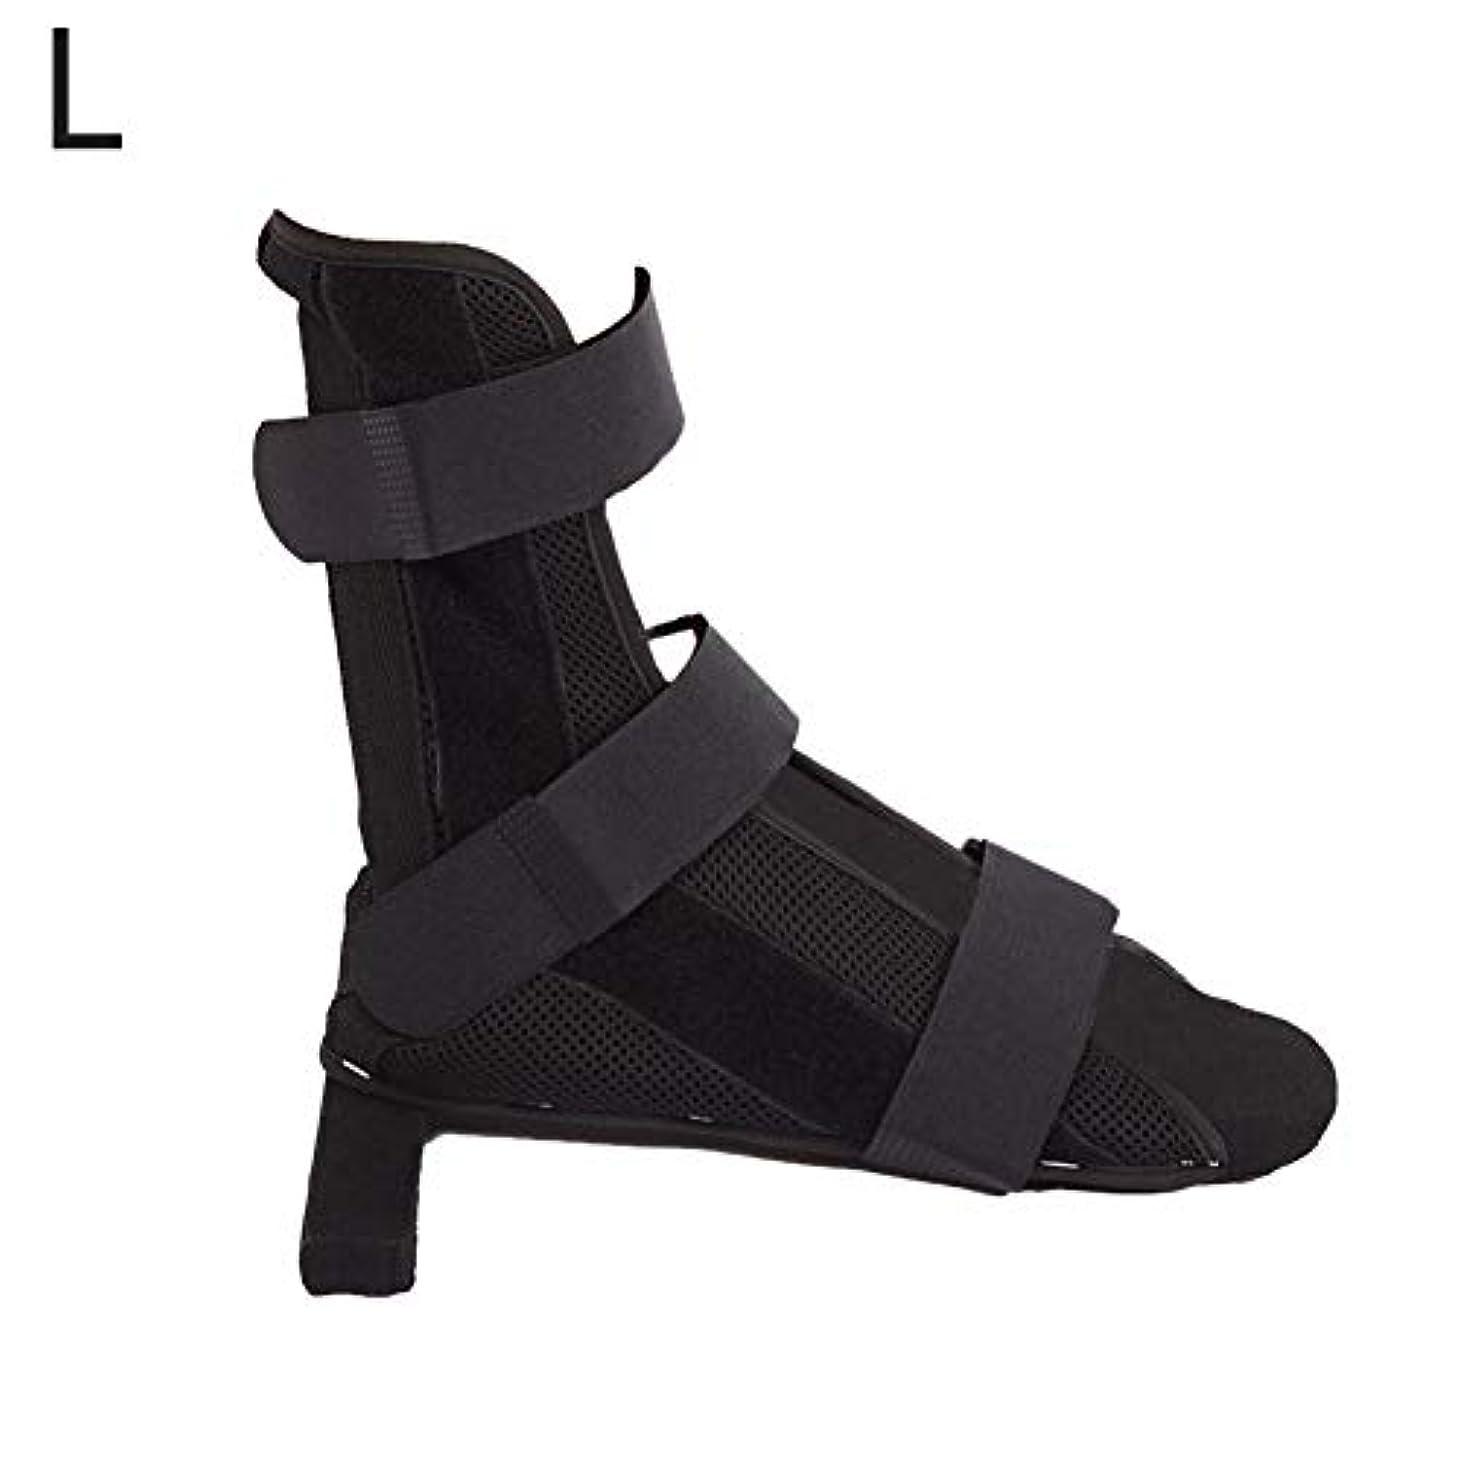 パブ焼くアンデス山脈足底筋膜スプリント足の再生のための3枚のプラスチック鋼板痛みの緩和のため整形外科リハビリテーション